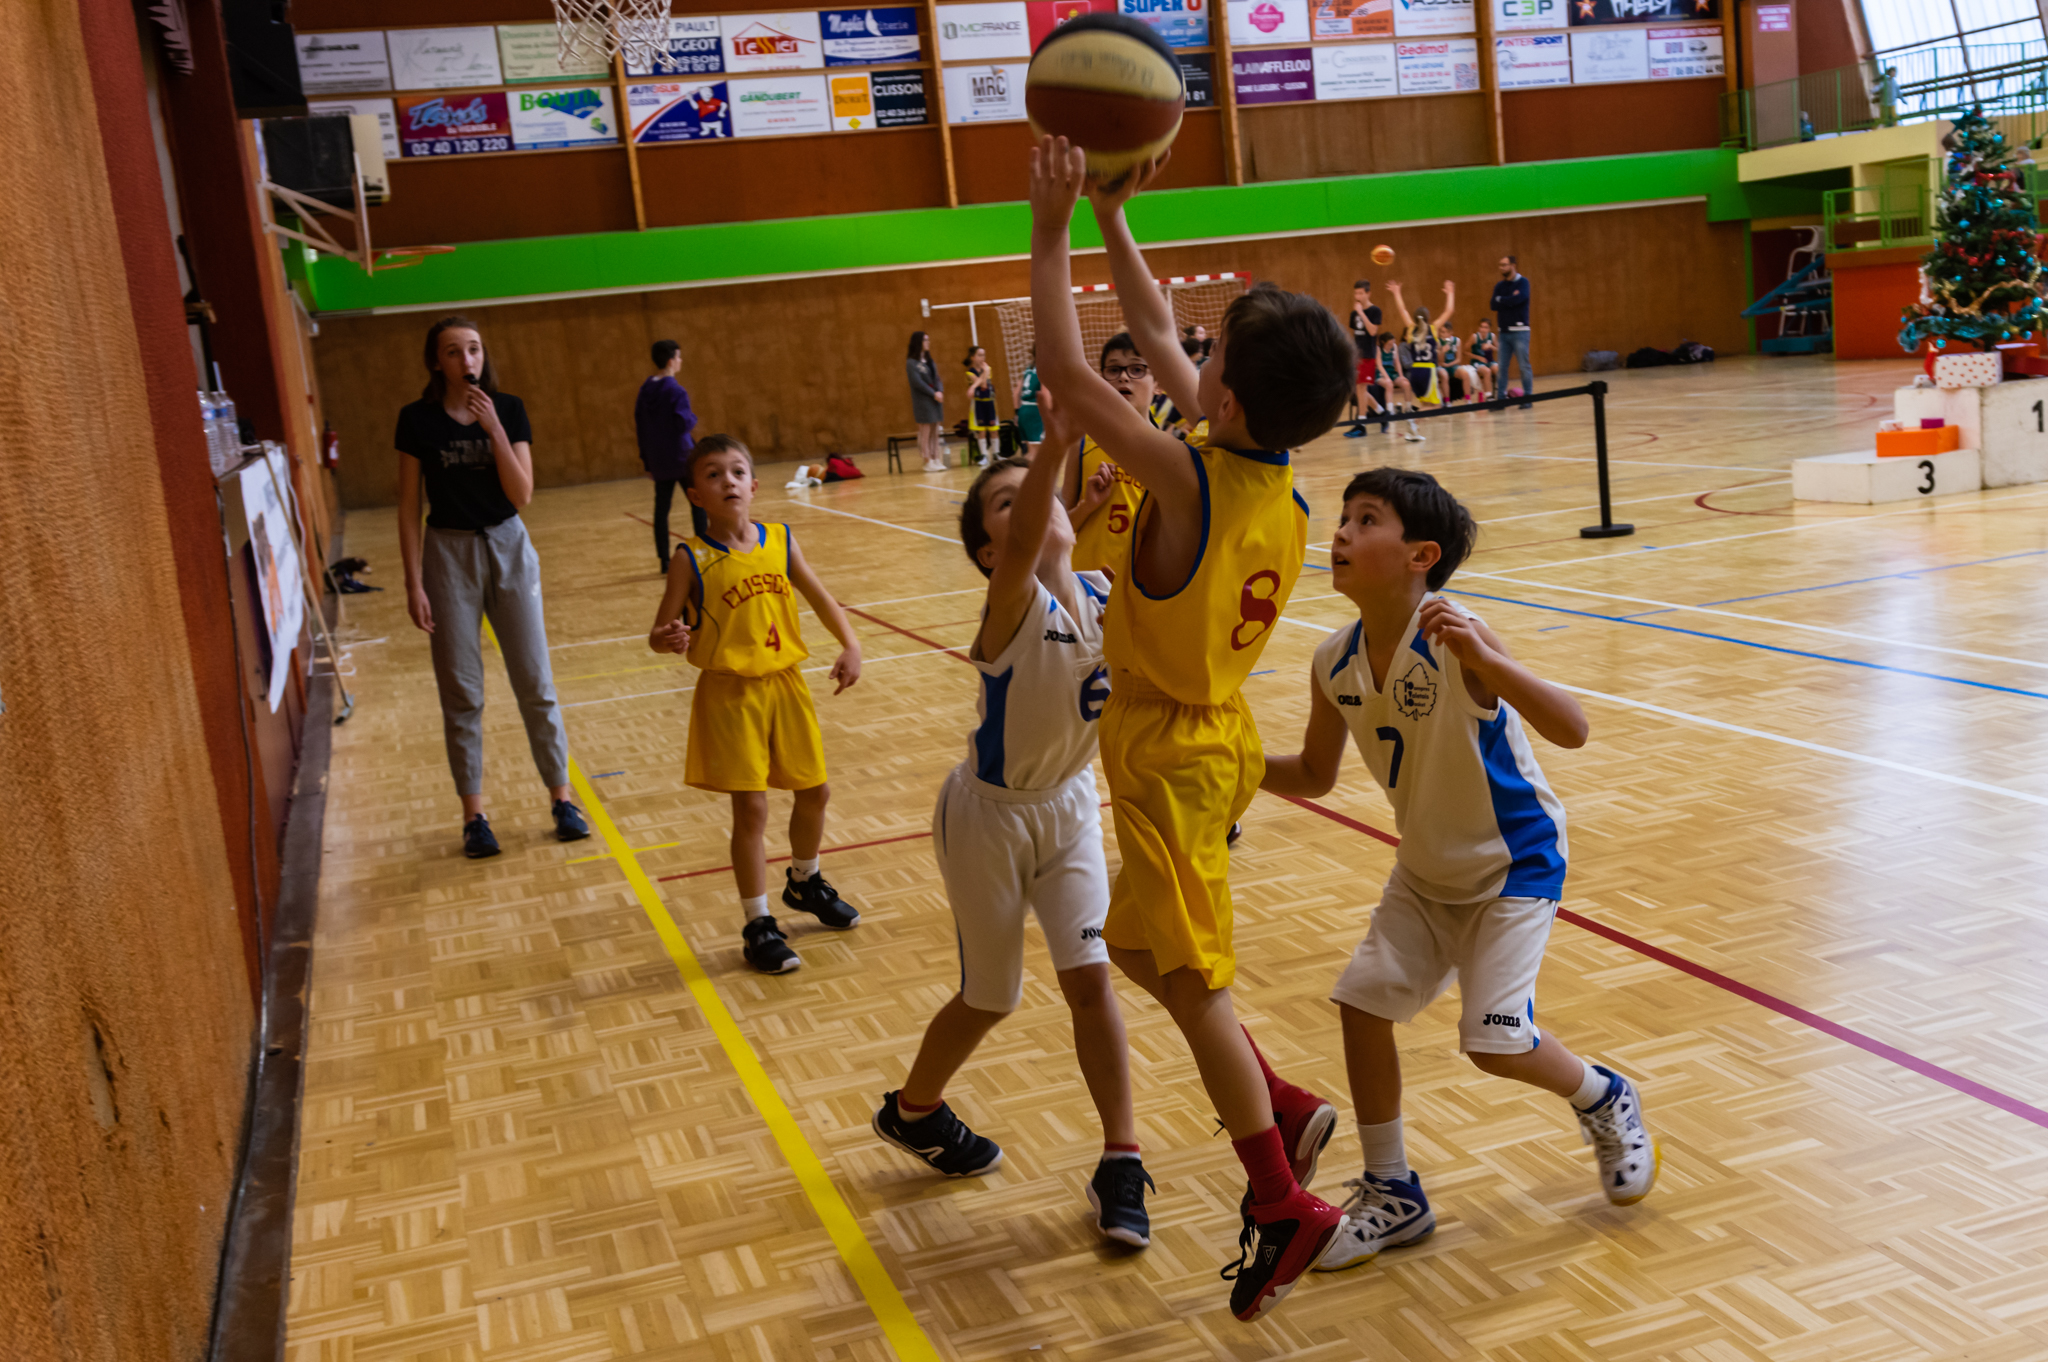 Etoile de Clisson Basket - 2018/2019 - Tournoi de Noël jour 2 : U9 / U11